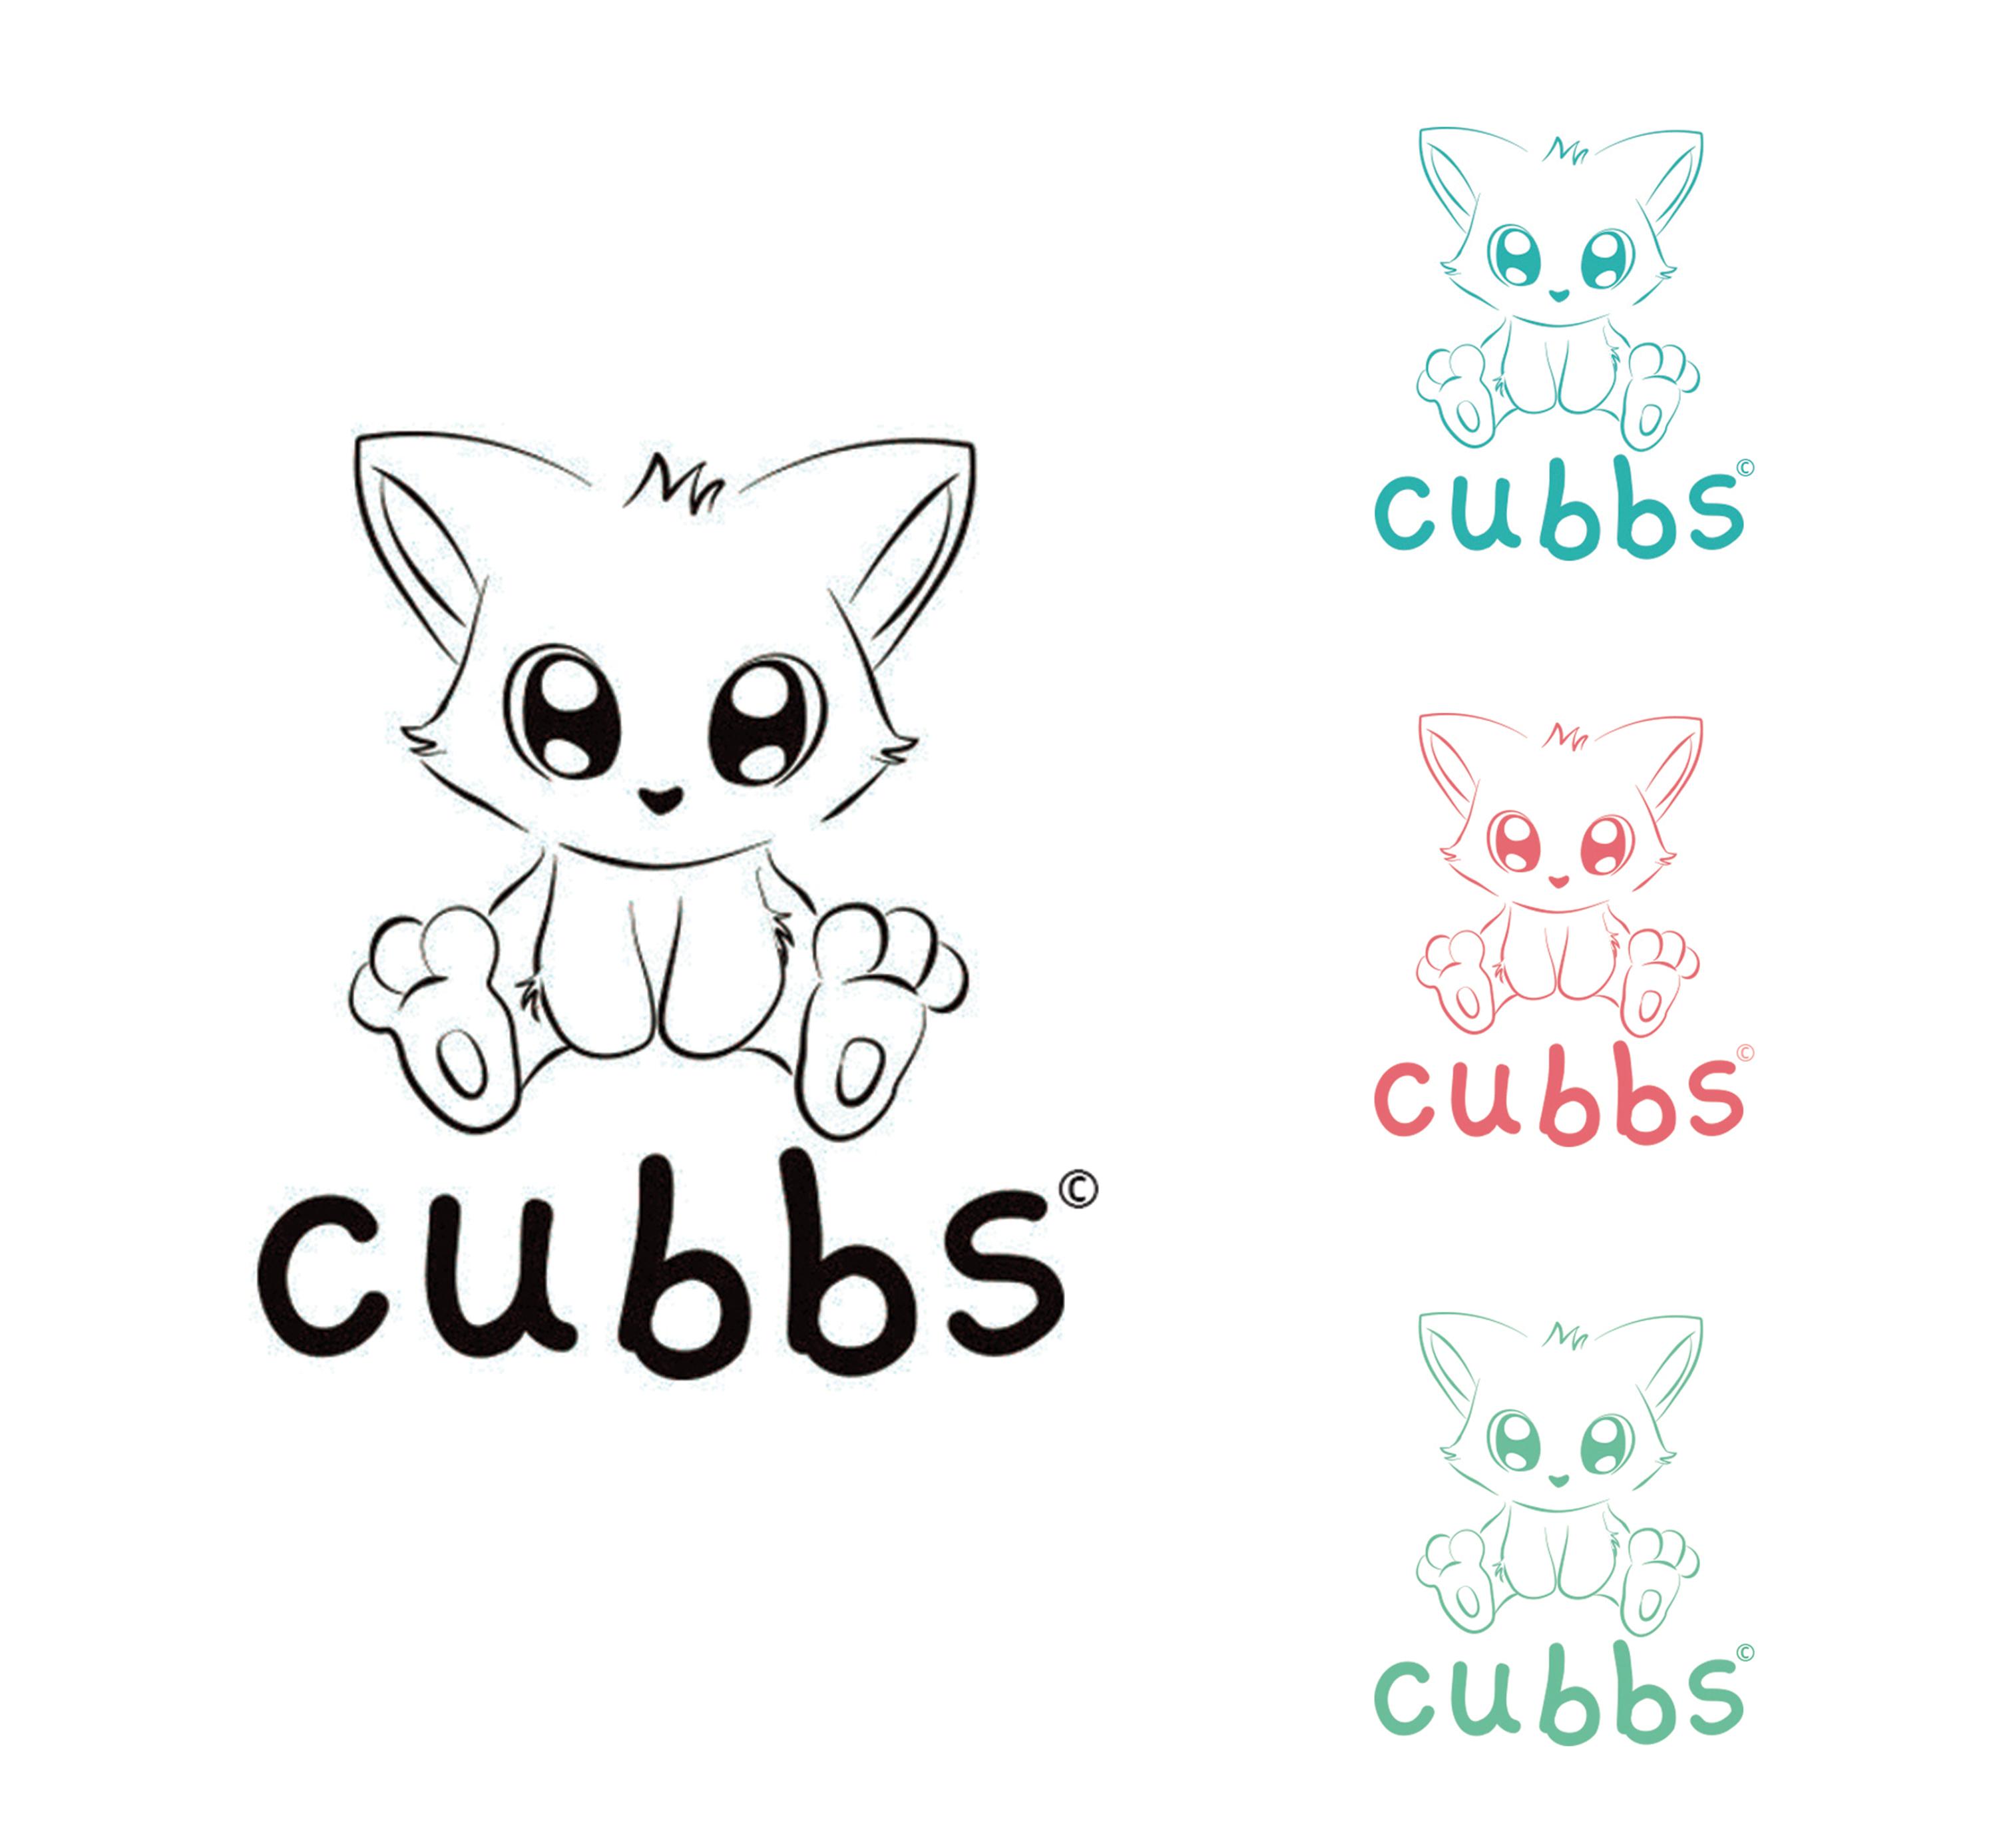 Cubbs